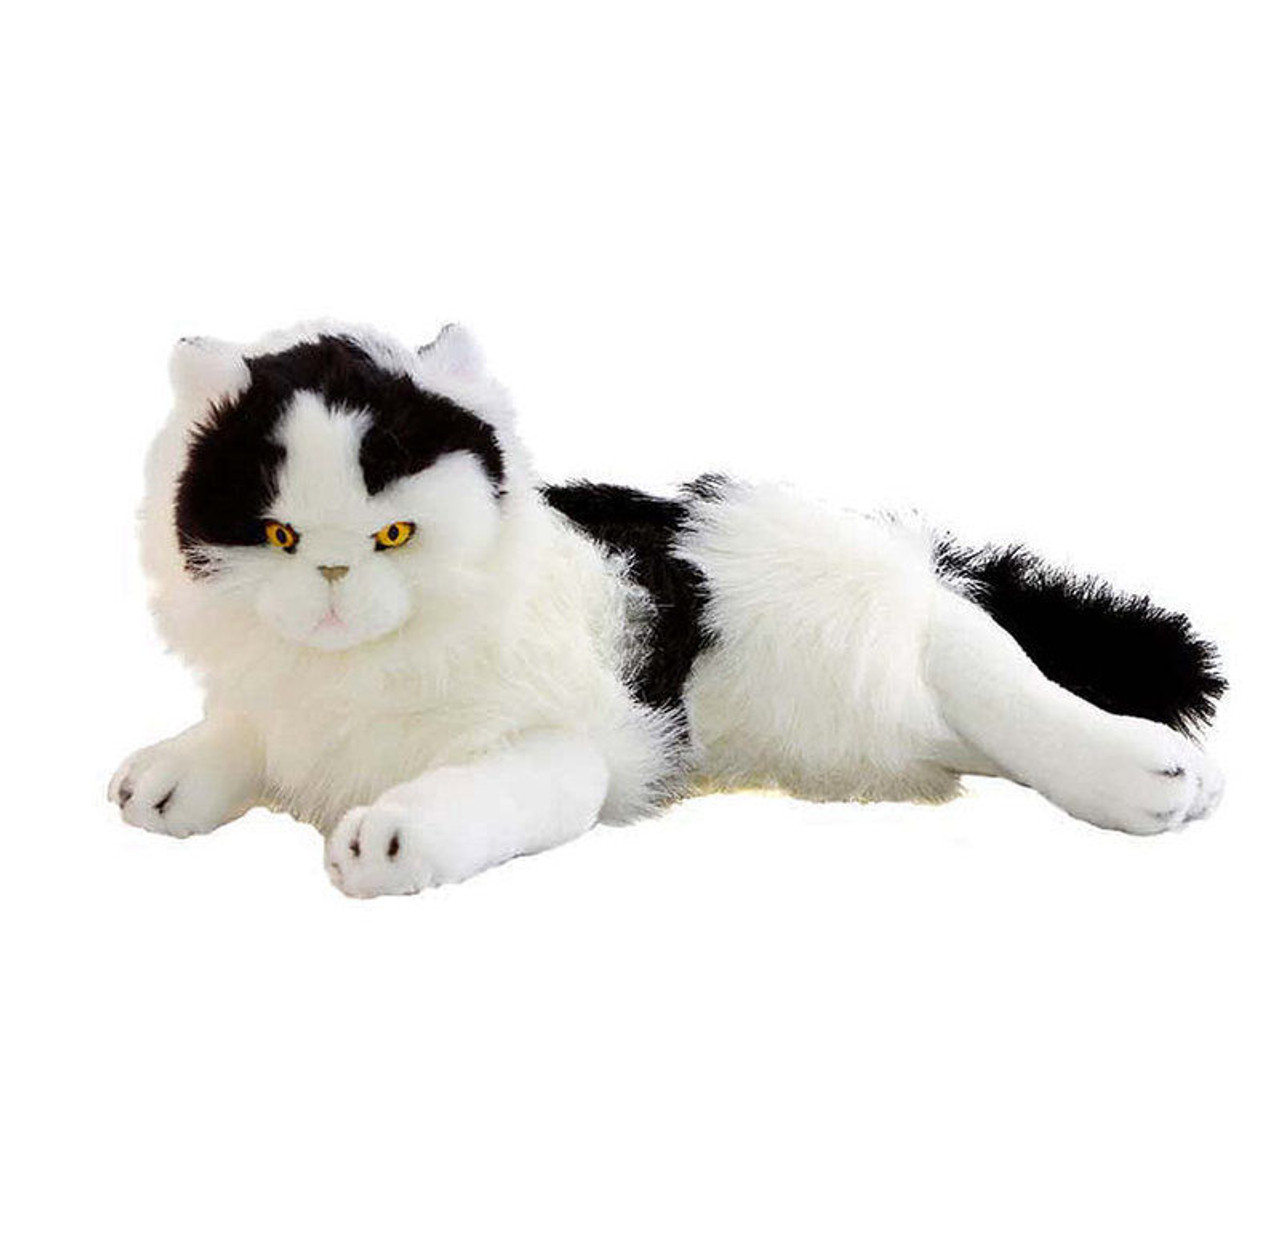 Black and White Cat Lying Medium, Woodrow, Bocchetta